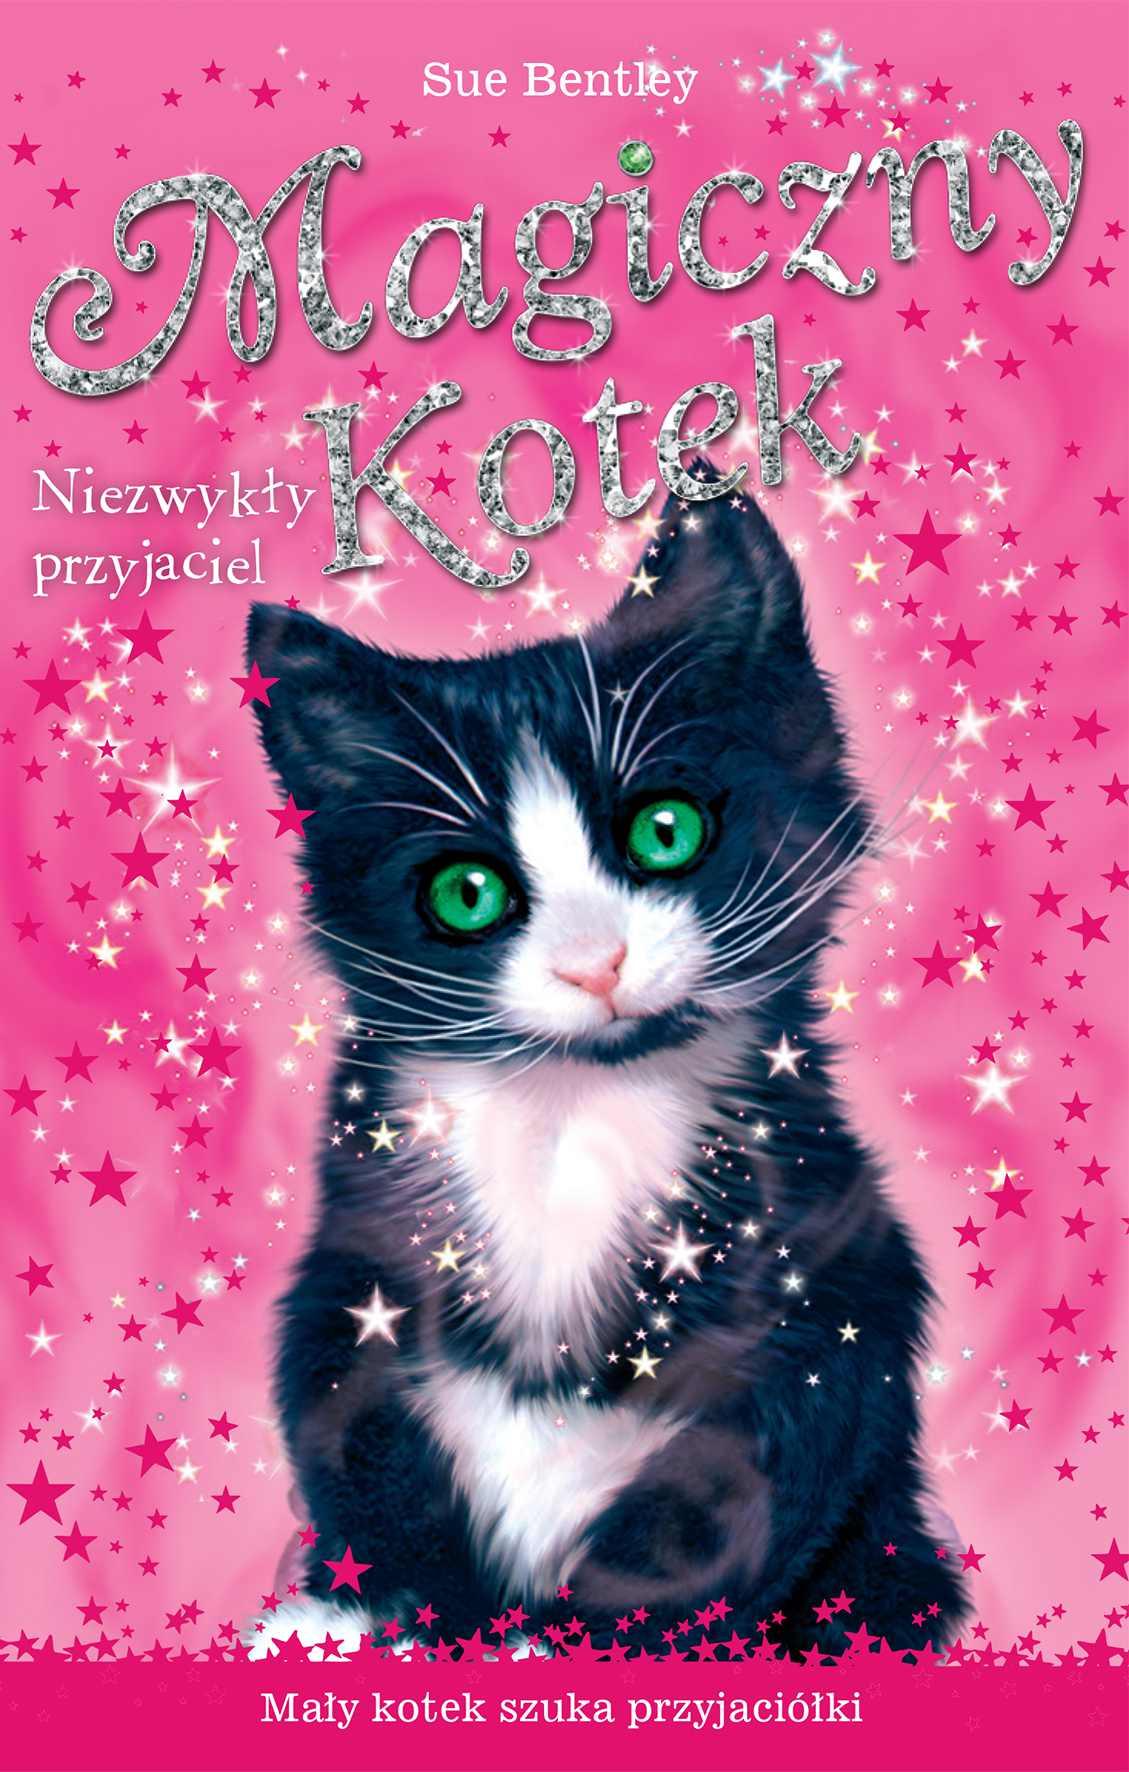 Niezwykły przyjaciel. Magiczny kotek - Ebook (Książka EPUB) do pobrania w formacie EPUB